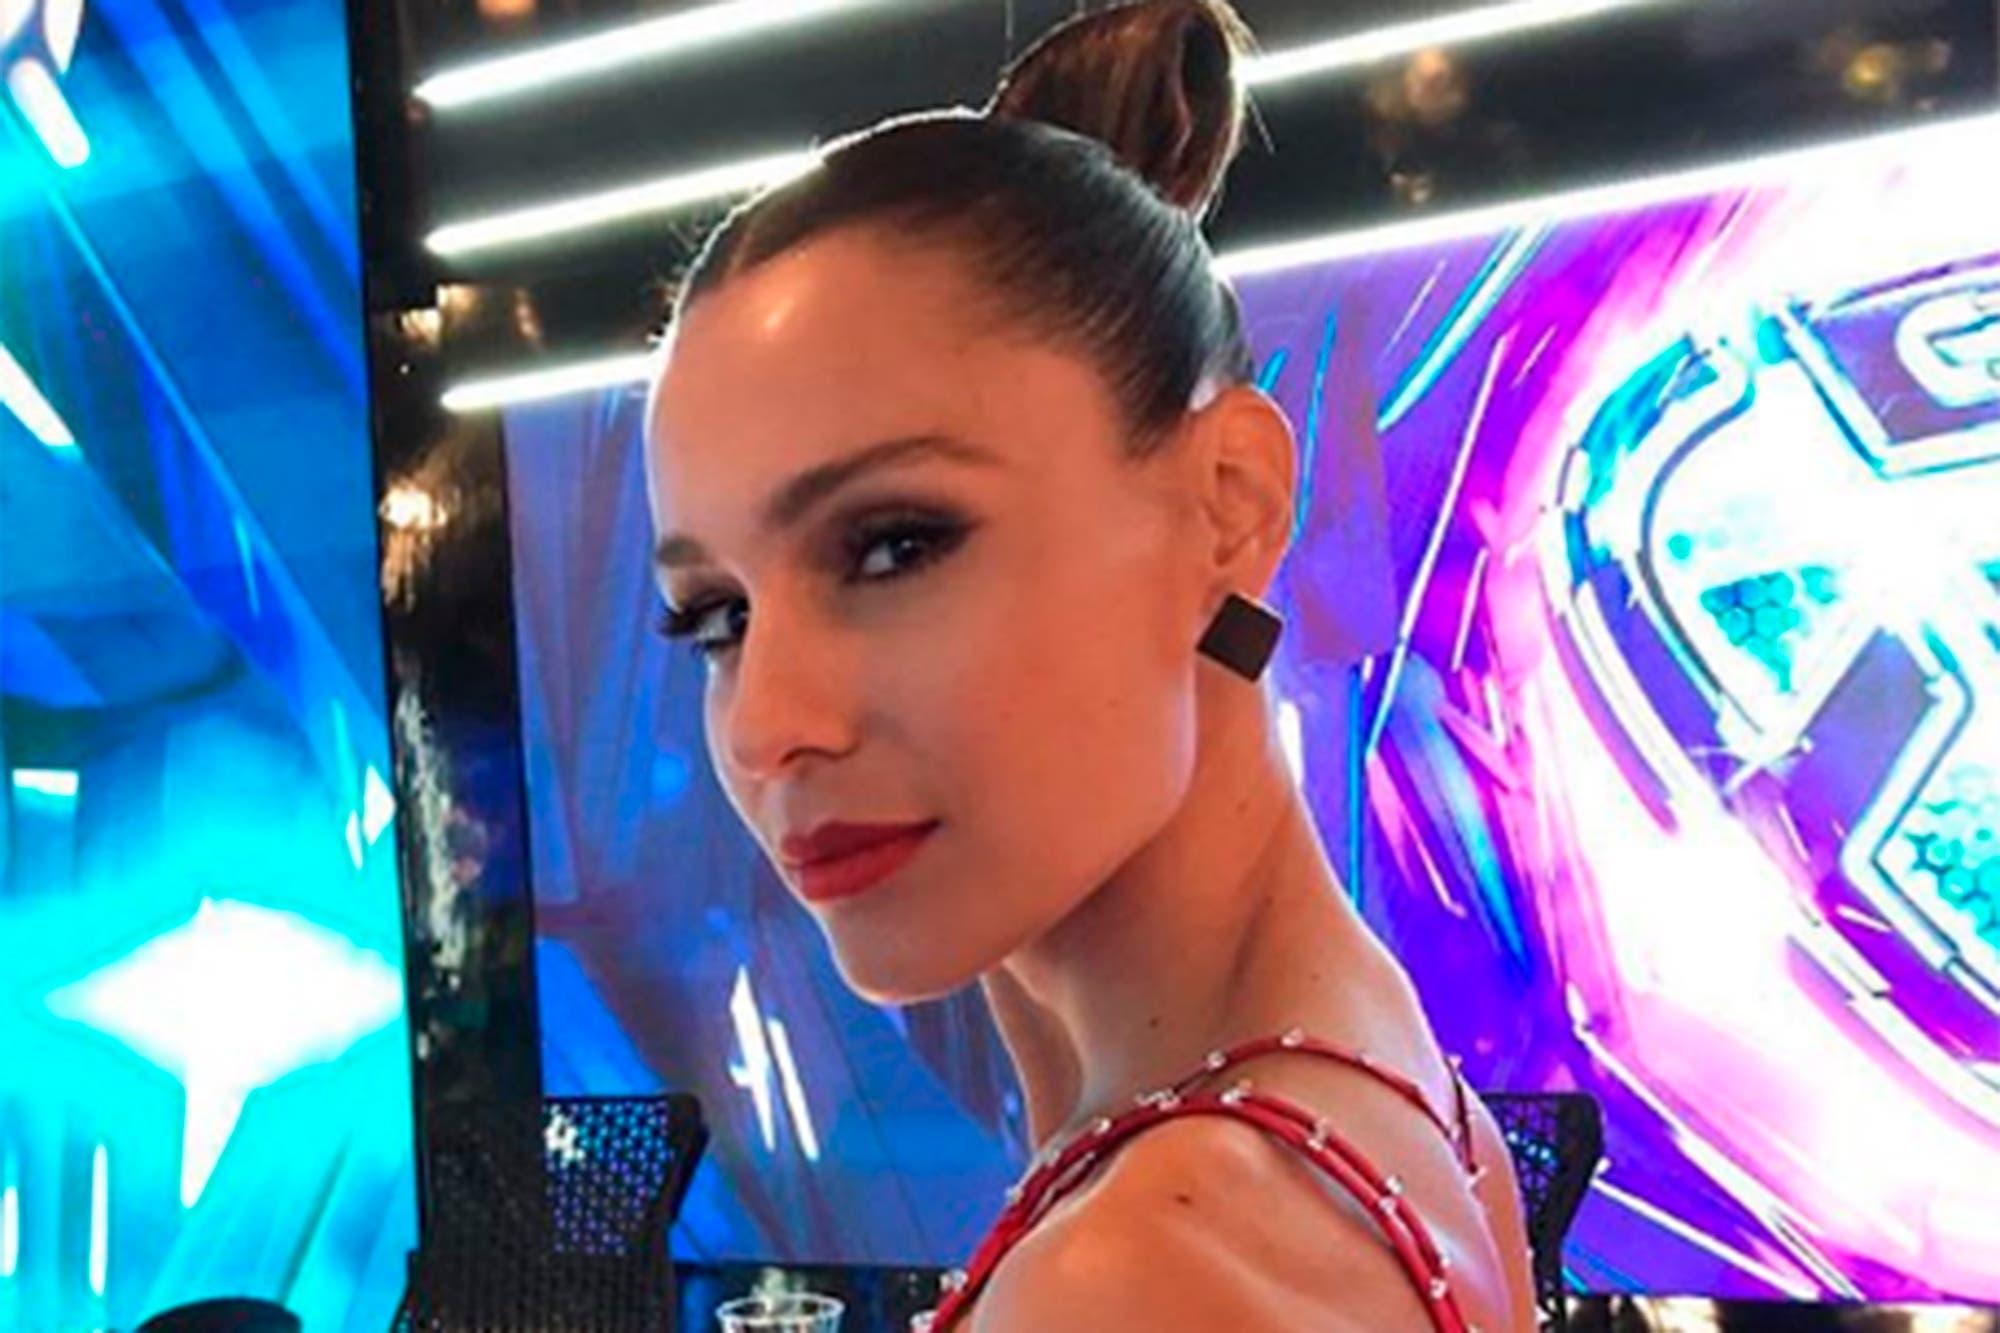 ShowMatch 2019: Tinelli le preguntó a Pampita sobre los rumores de romance con Nico Occhiato